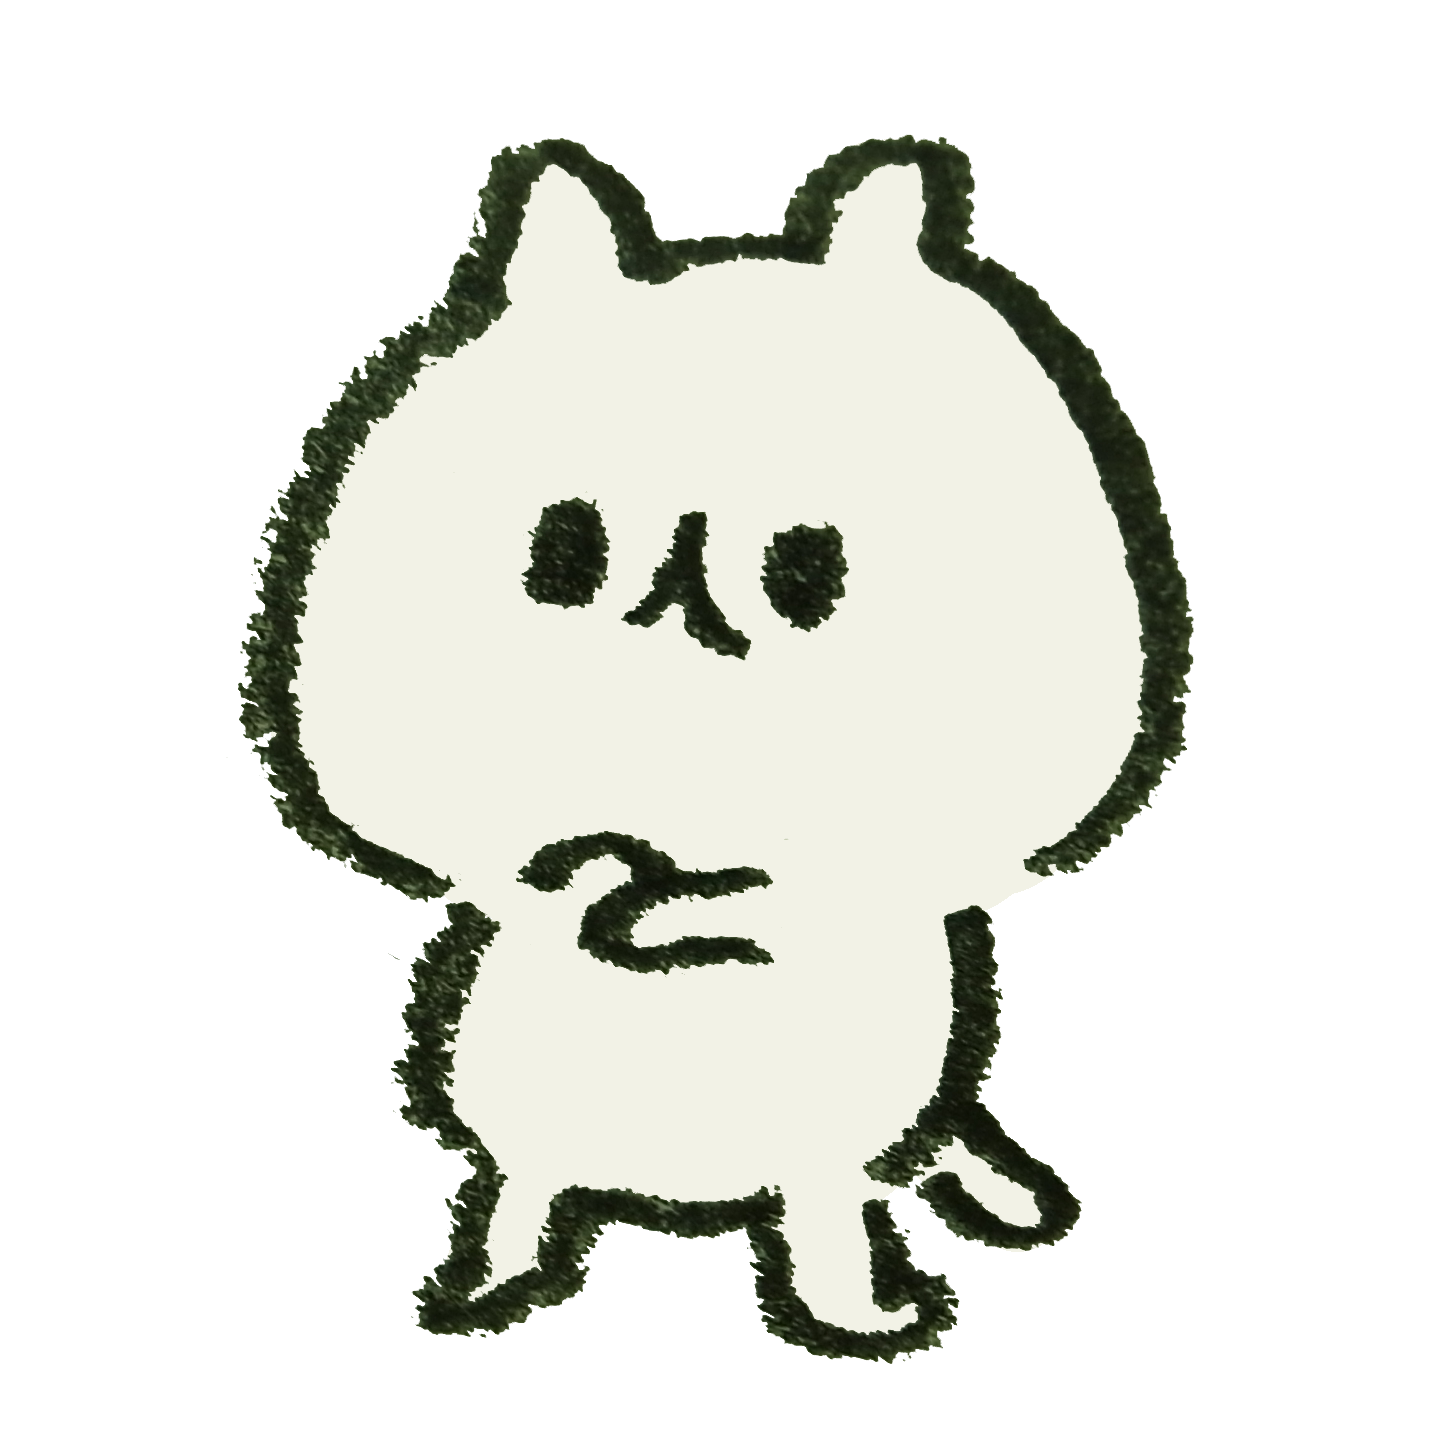 ウデを組んで考える猫のイラスト ゆるくてかわいい無料イラスト素材